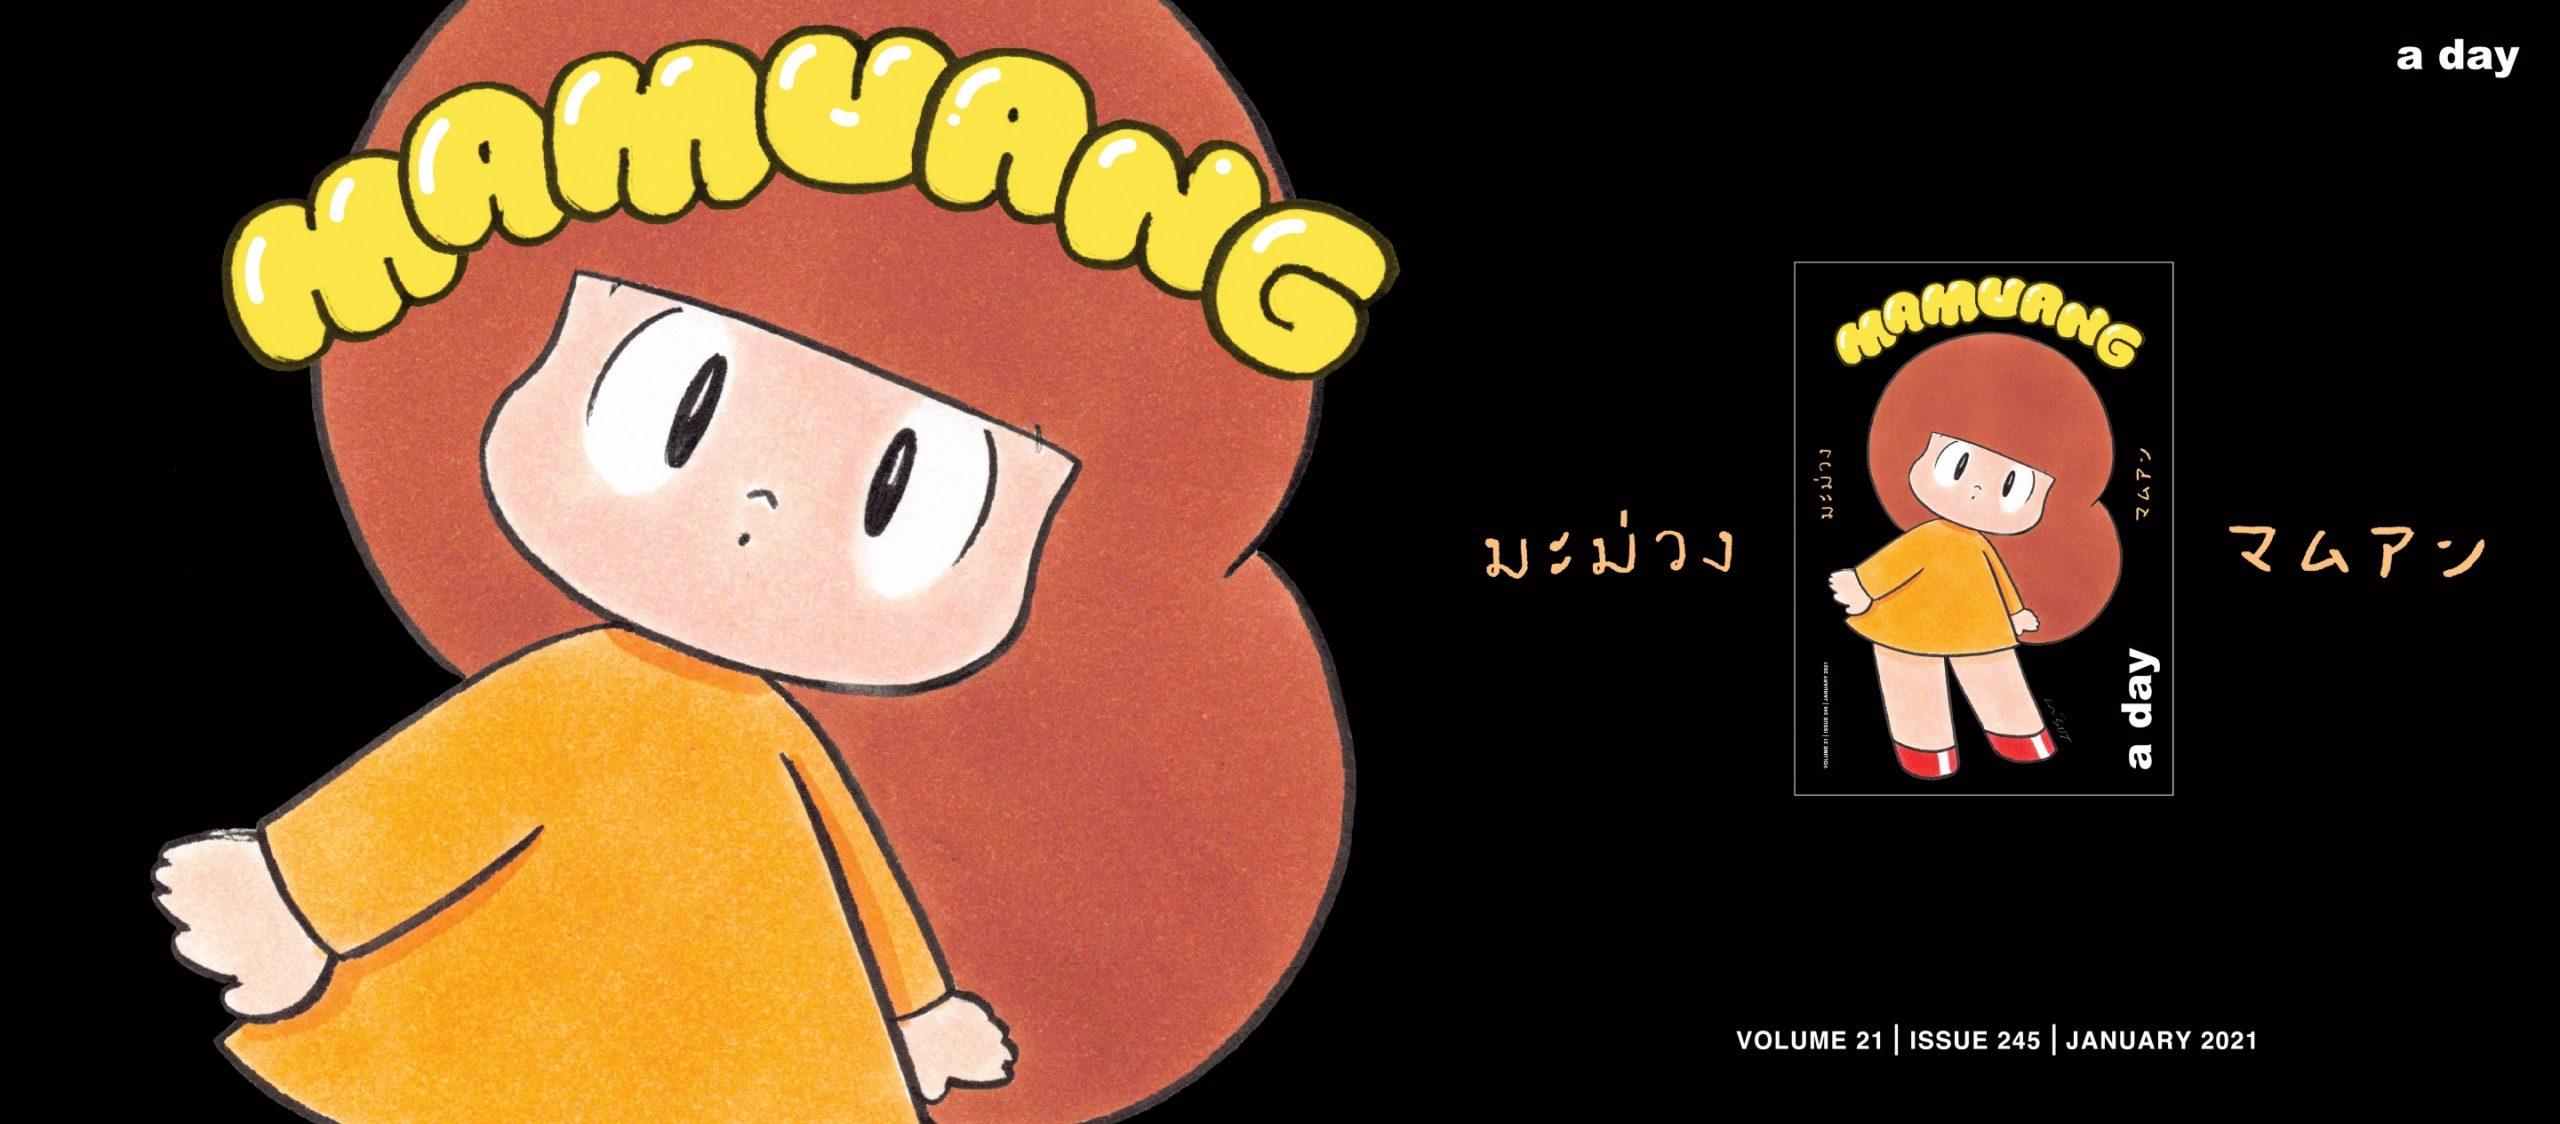 a day 245: Mamuang